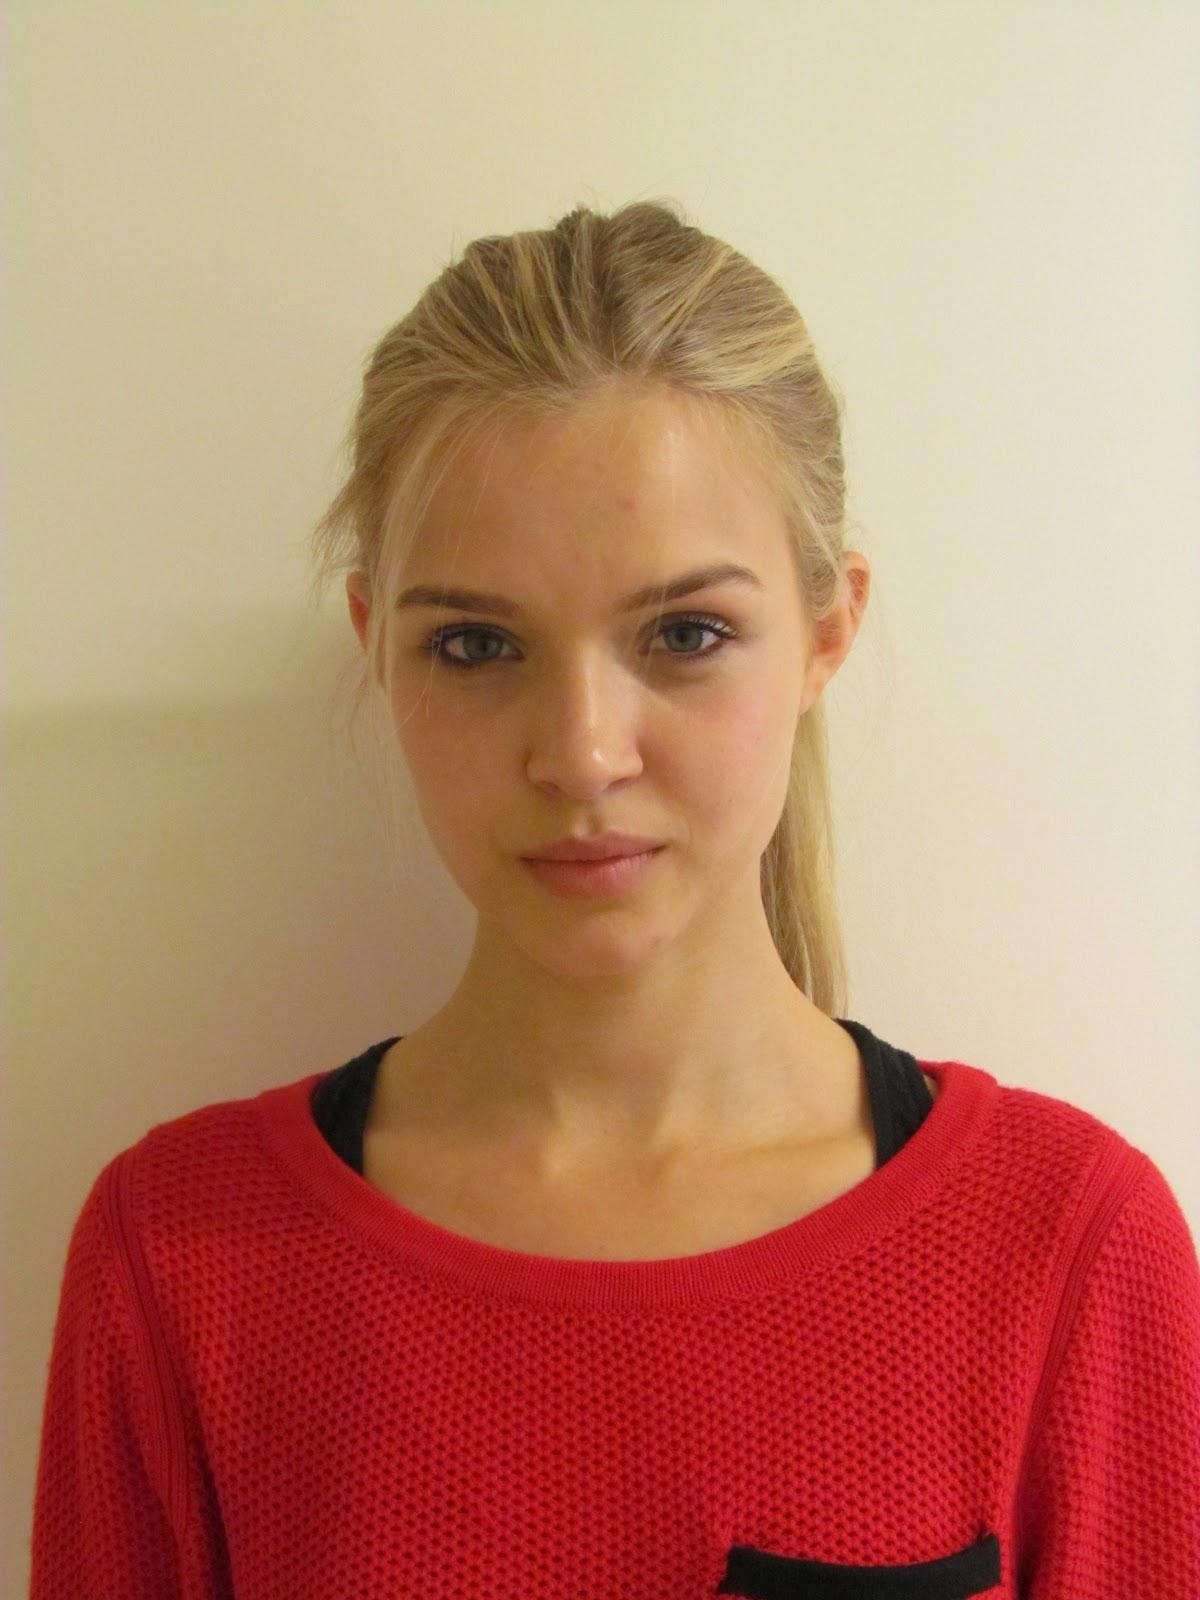 Frida Gustavsson Josephine Skriver2012917